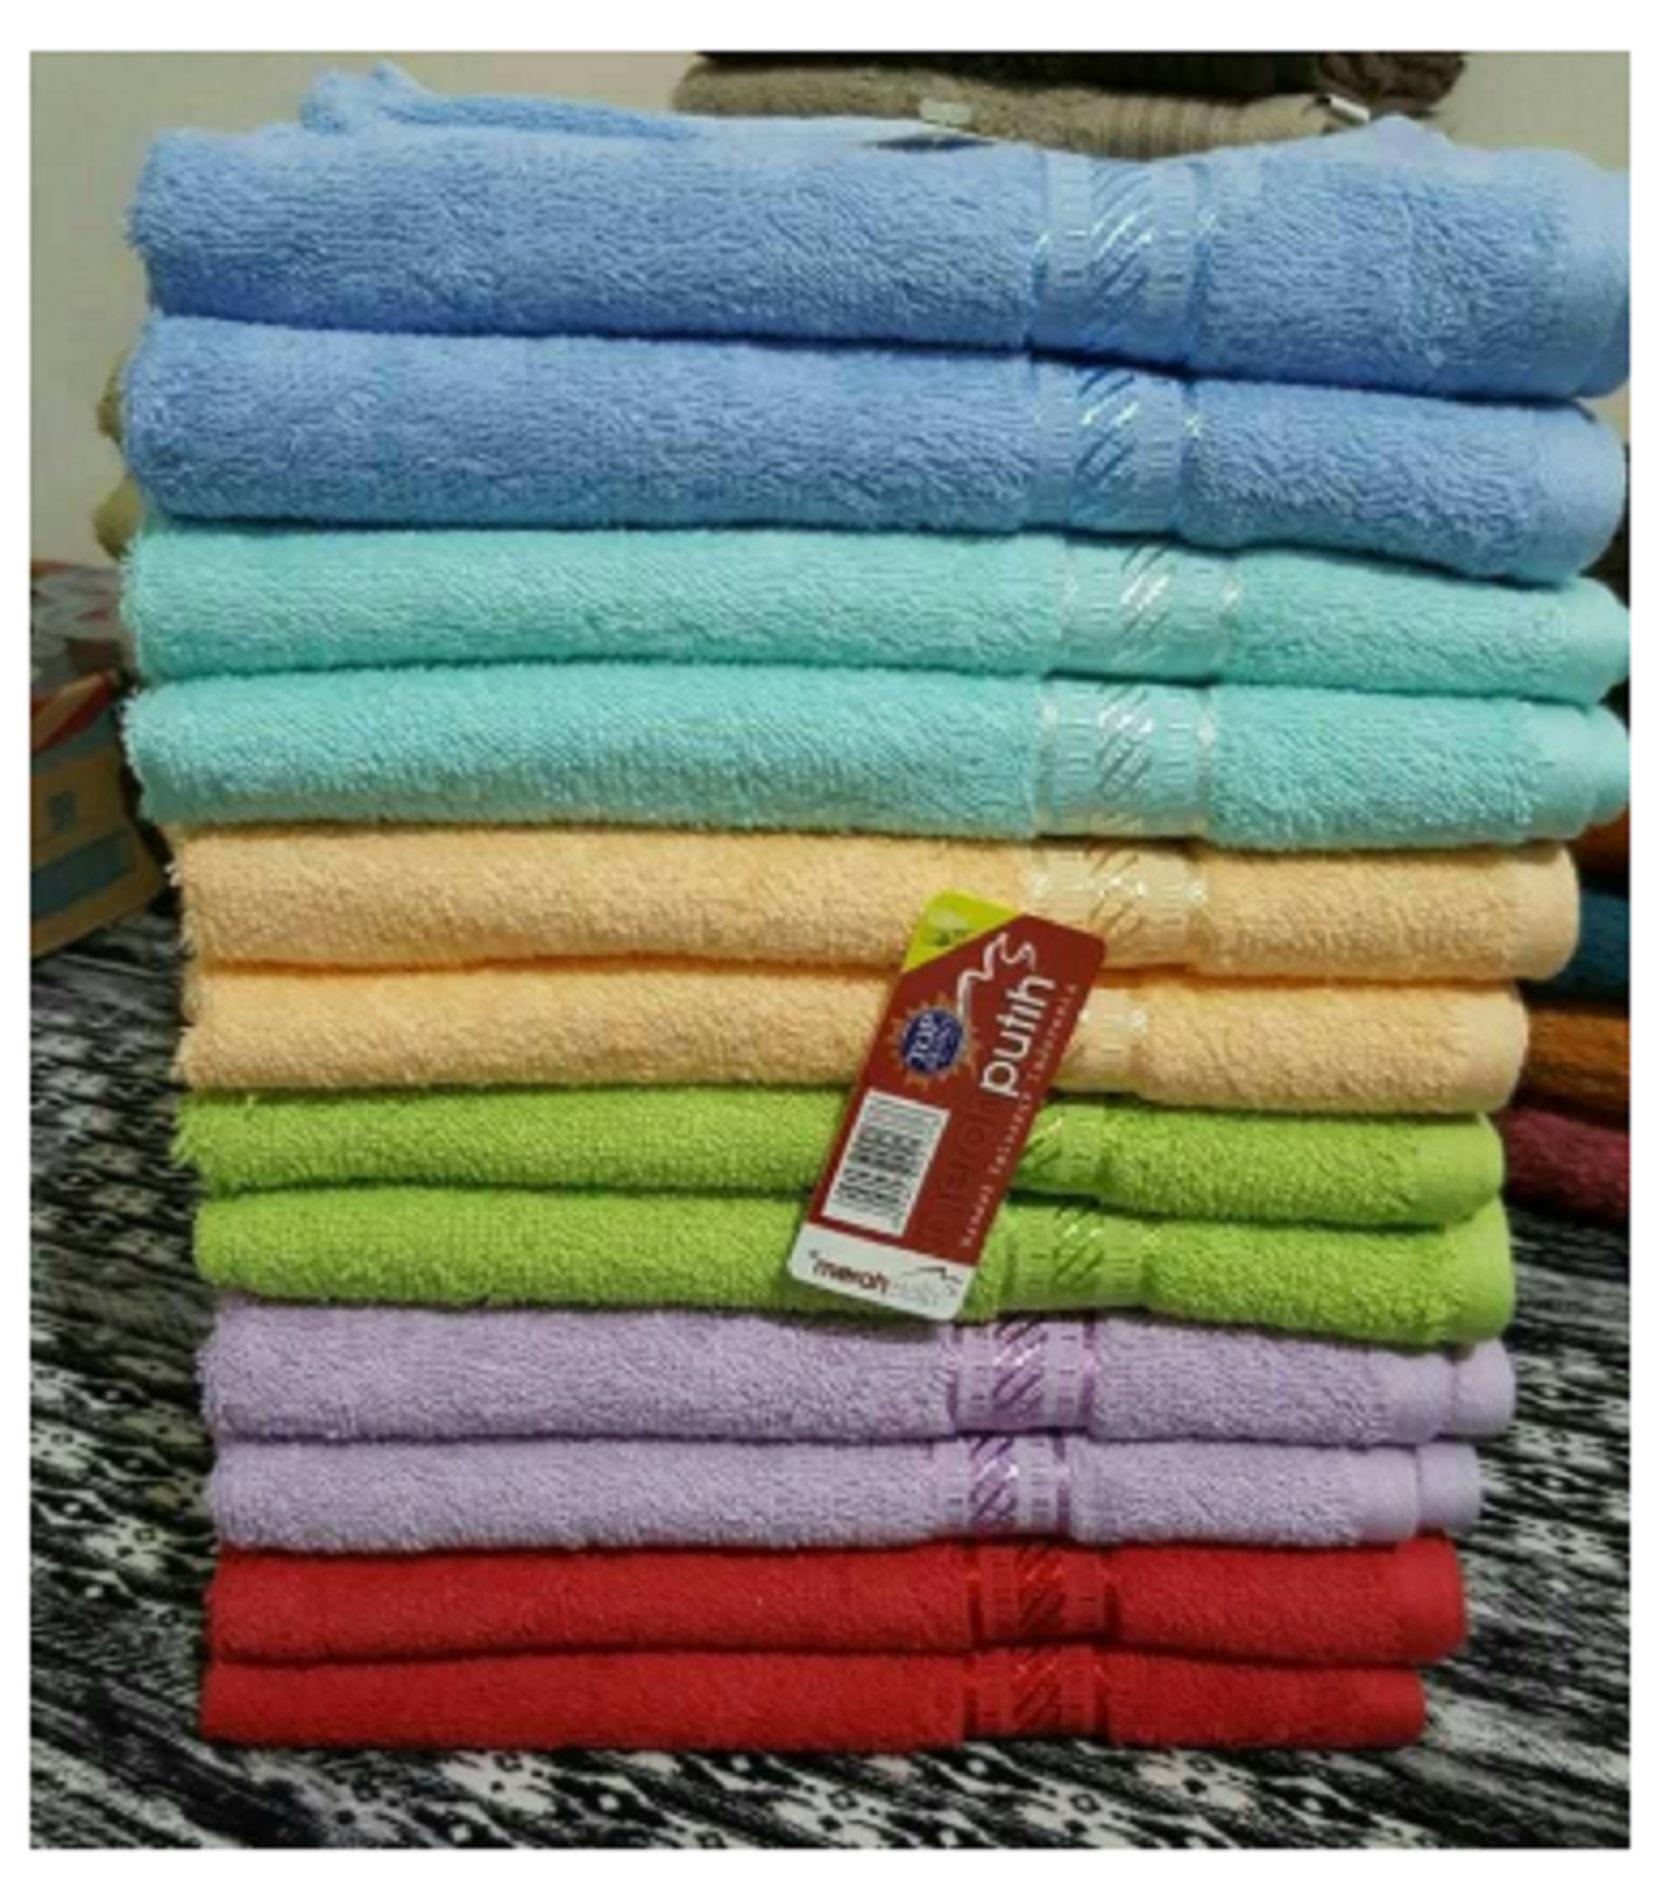 BEST SELLER Handuk Merah Putih Dewasa Uk 70 x 140 - 1 Pcs